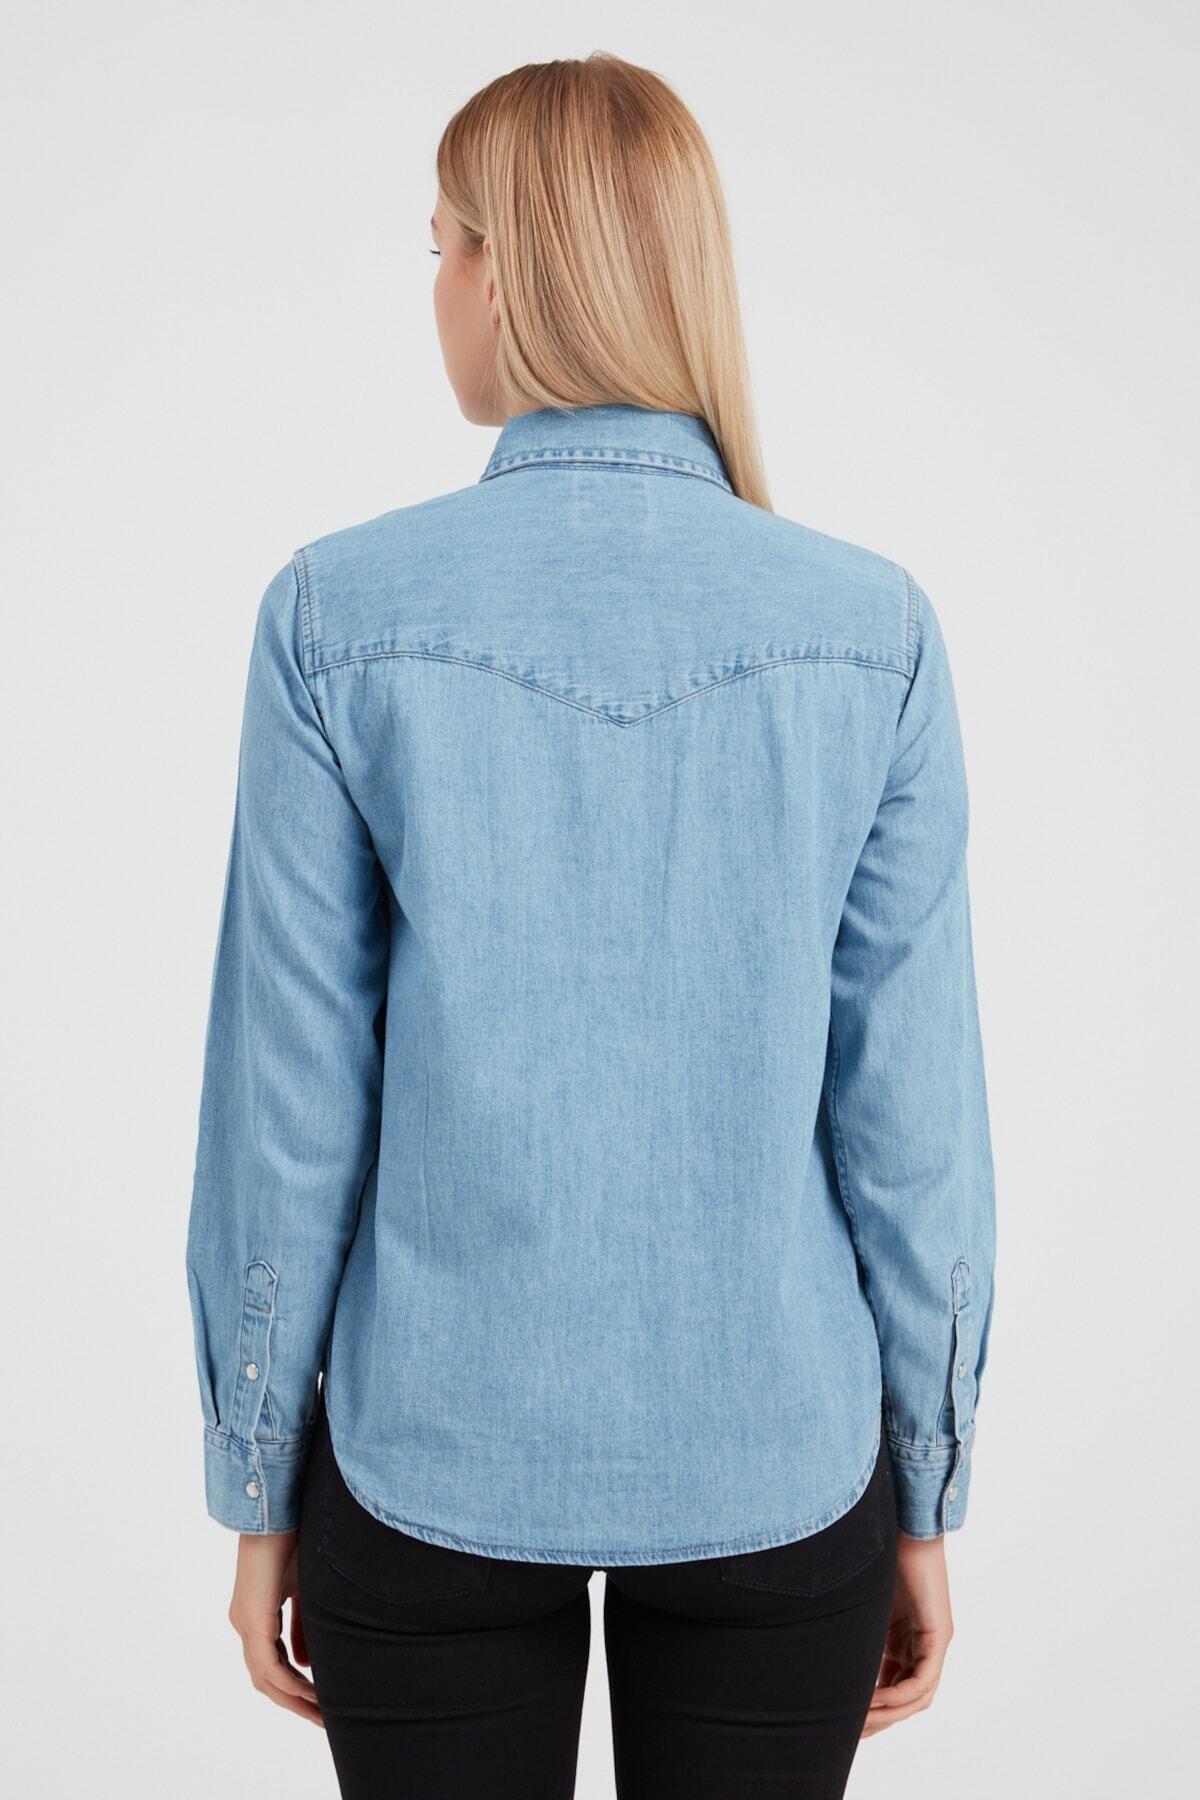 Levi's Kadın Mavi Gömlek 86832-0001 2